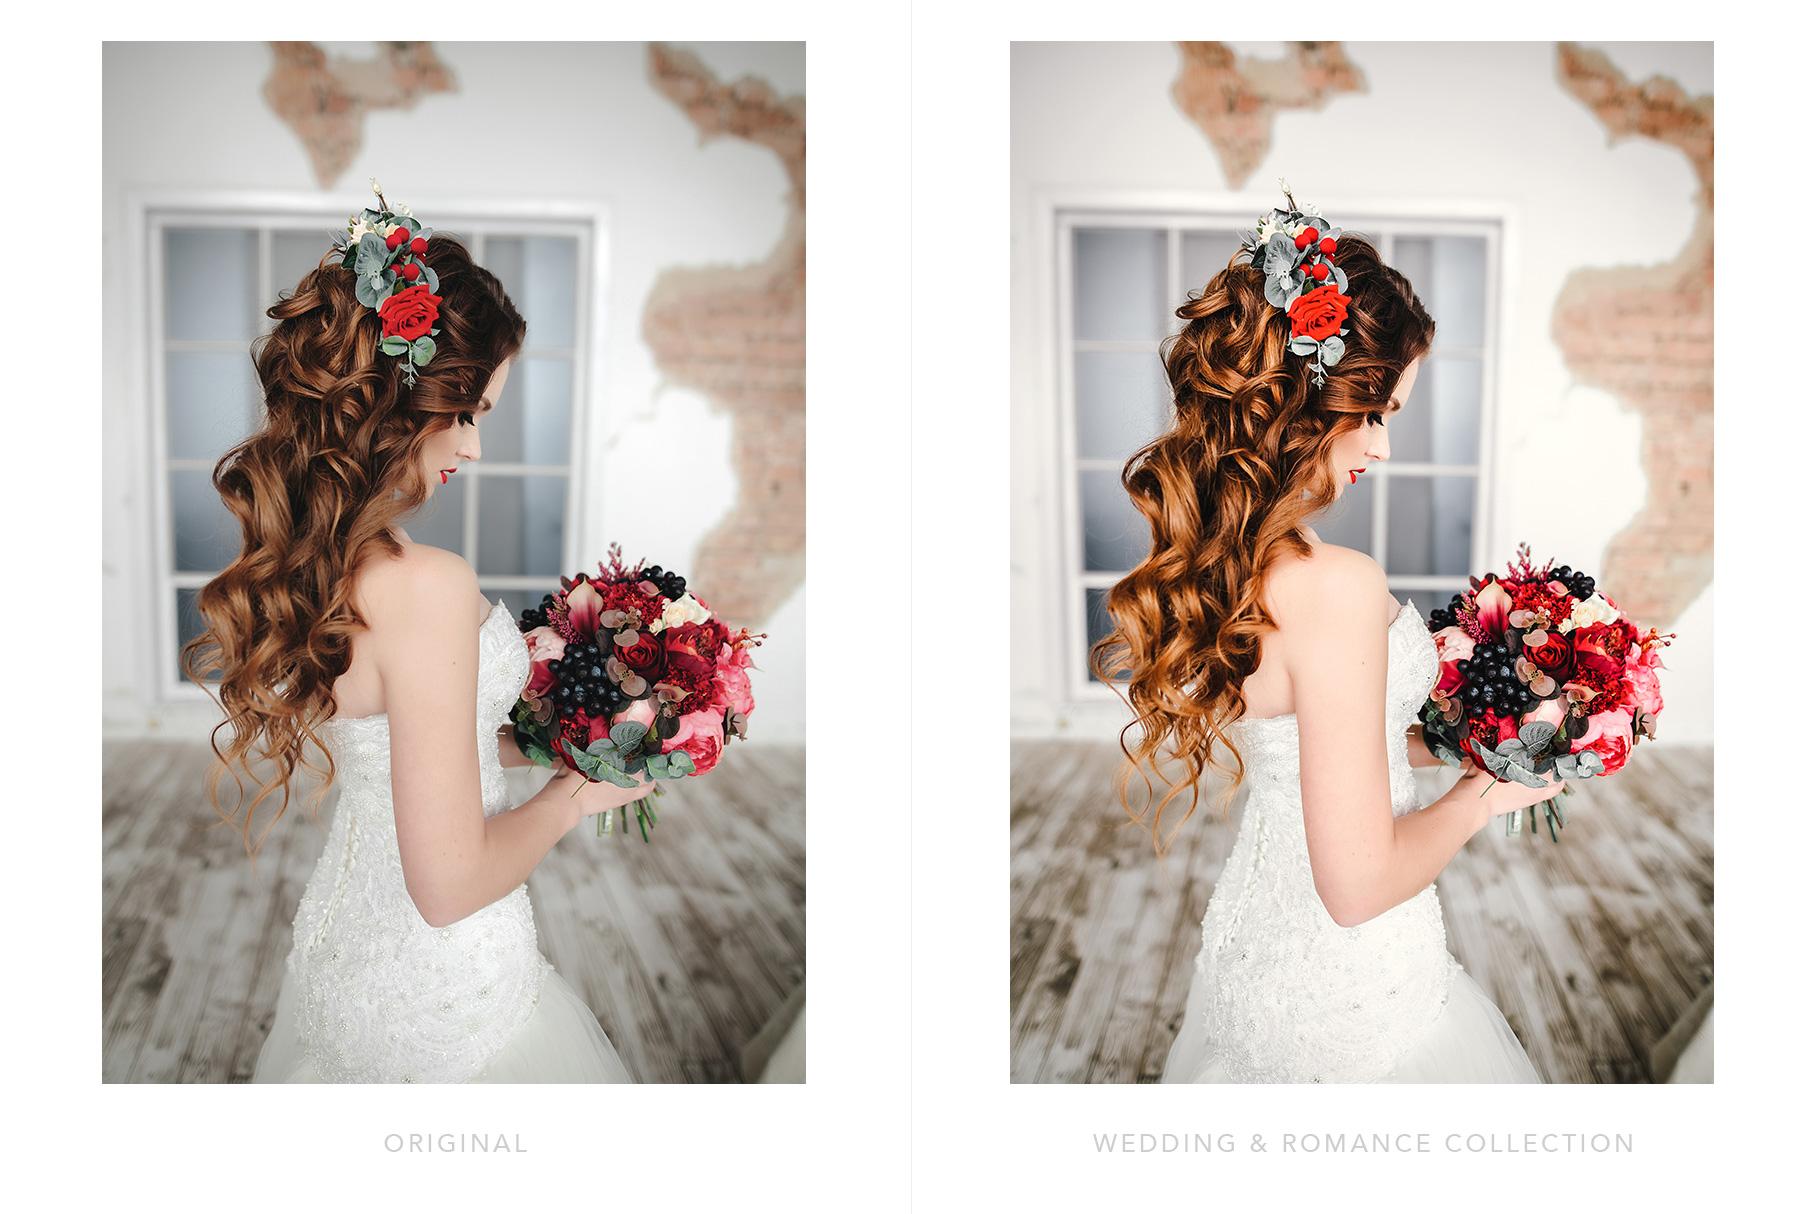 婚礼摄影的设计